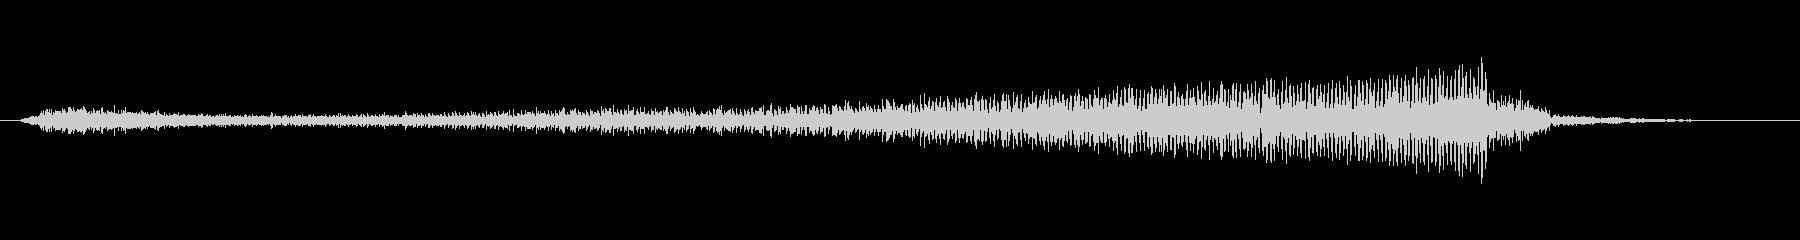 上昇 ヒスクリークベース01の未再生の波形